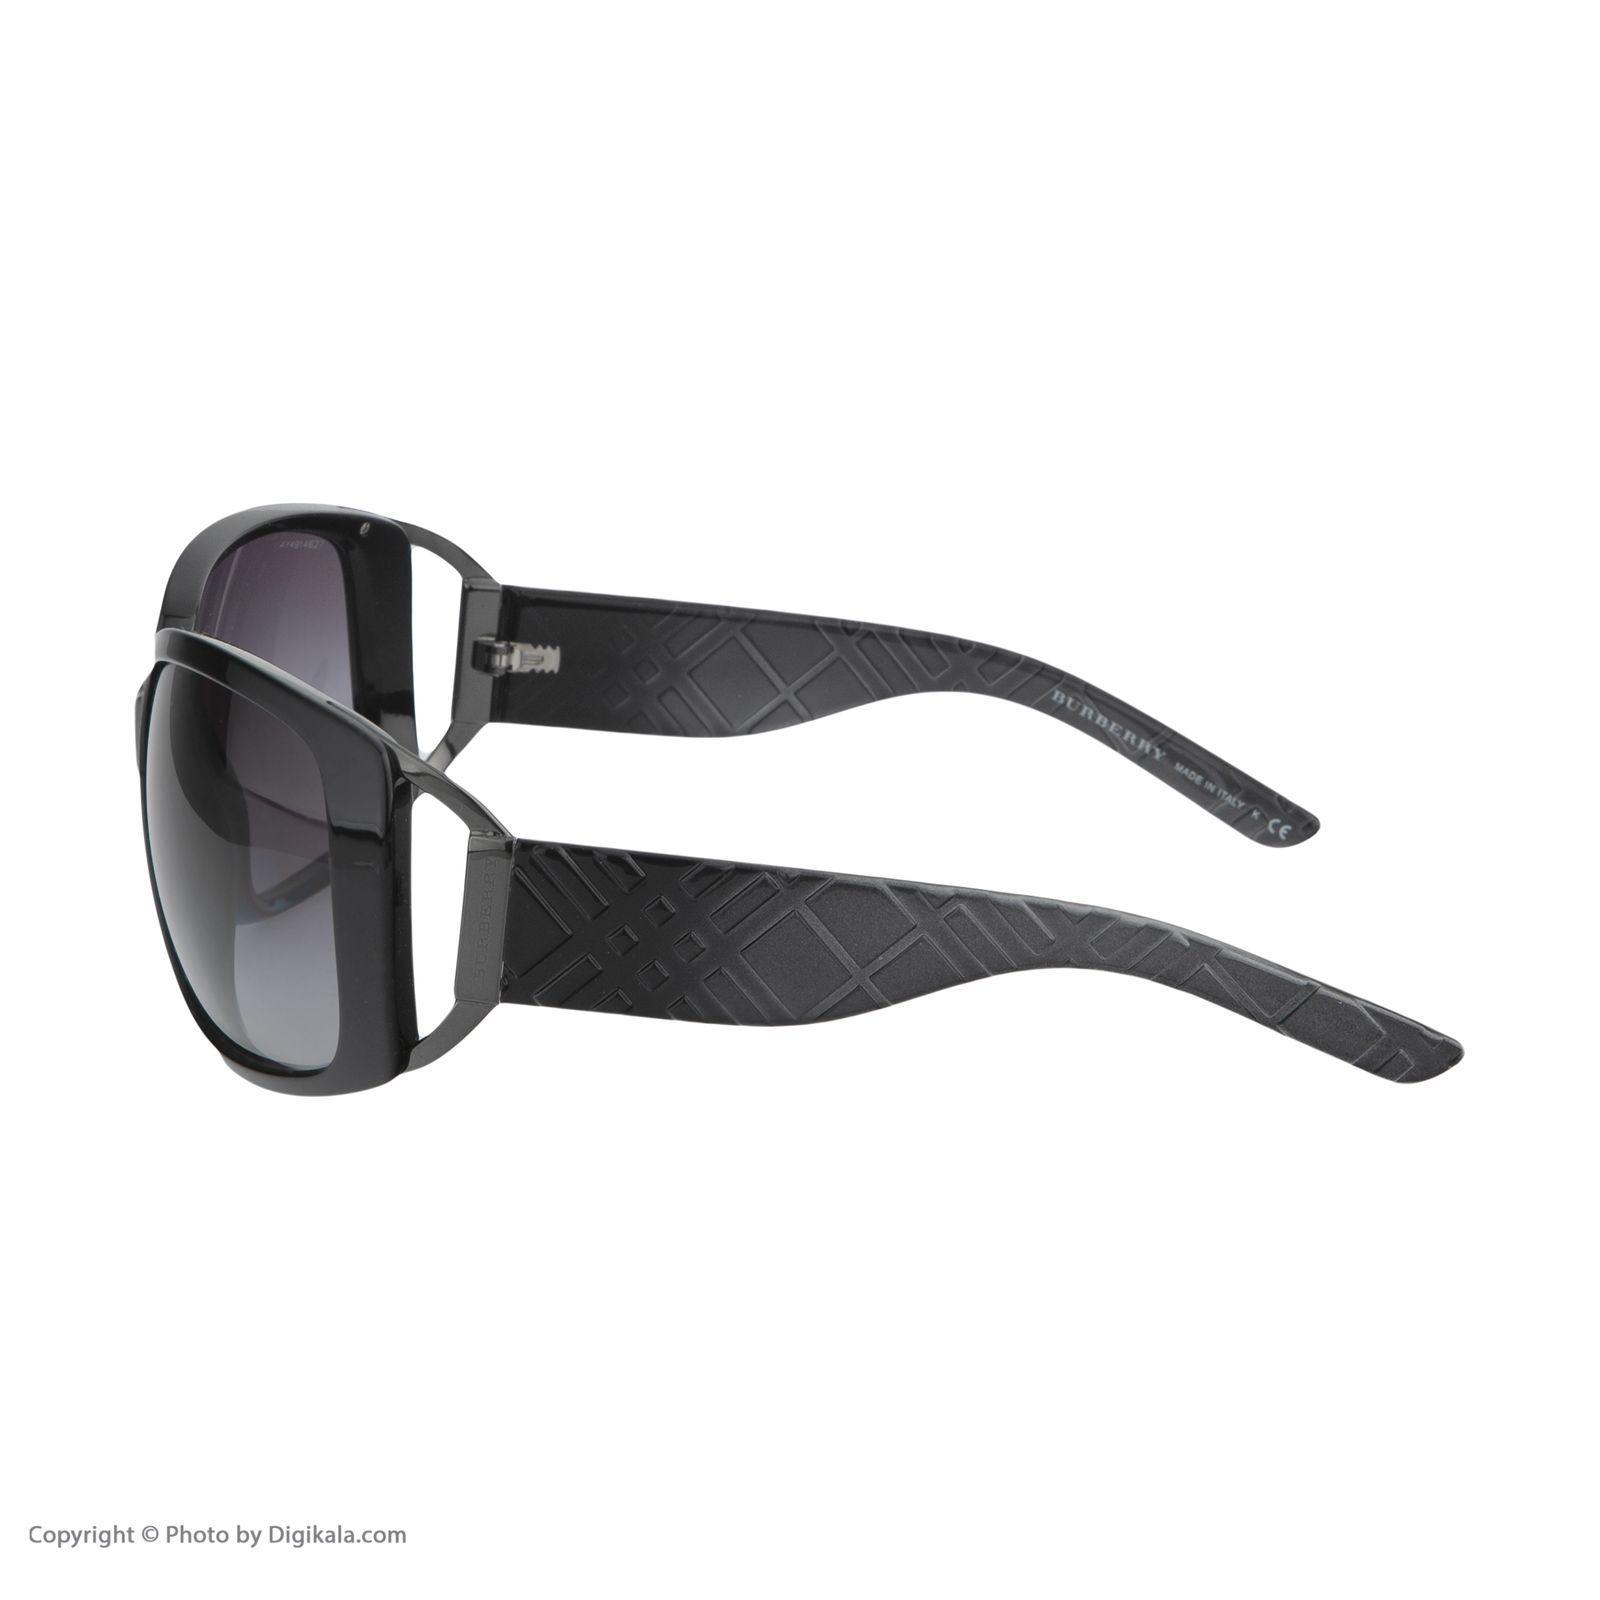 عینک آفتابی زنانه بربری مدل BE 4070S 300111 61 -  - 6